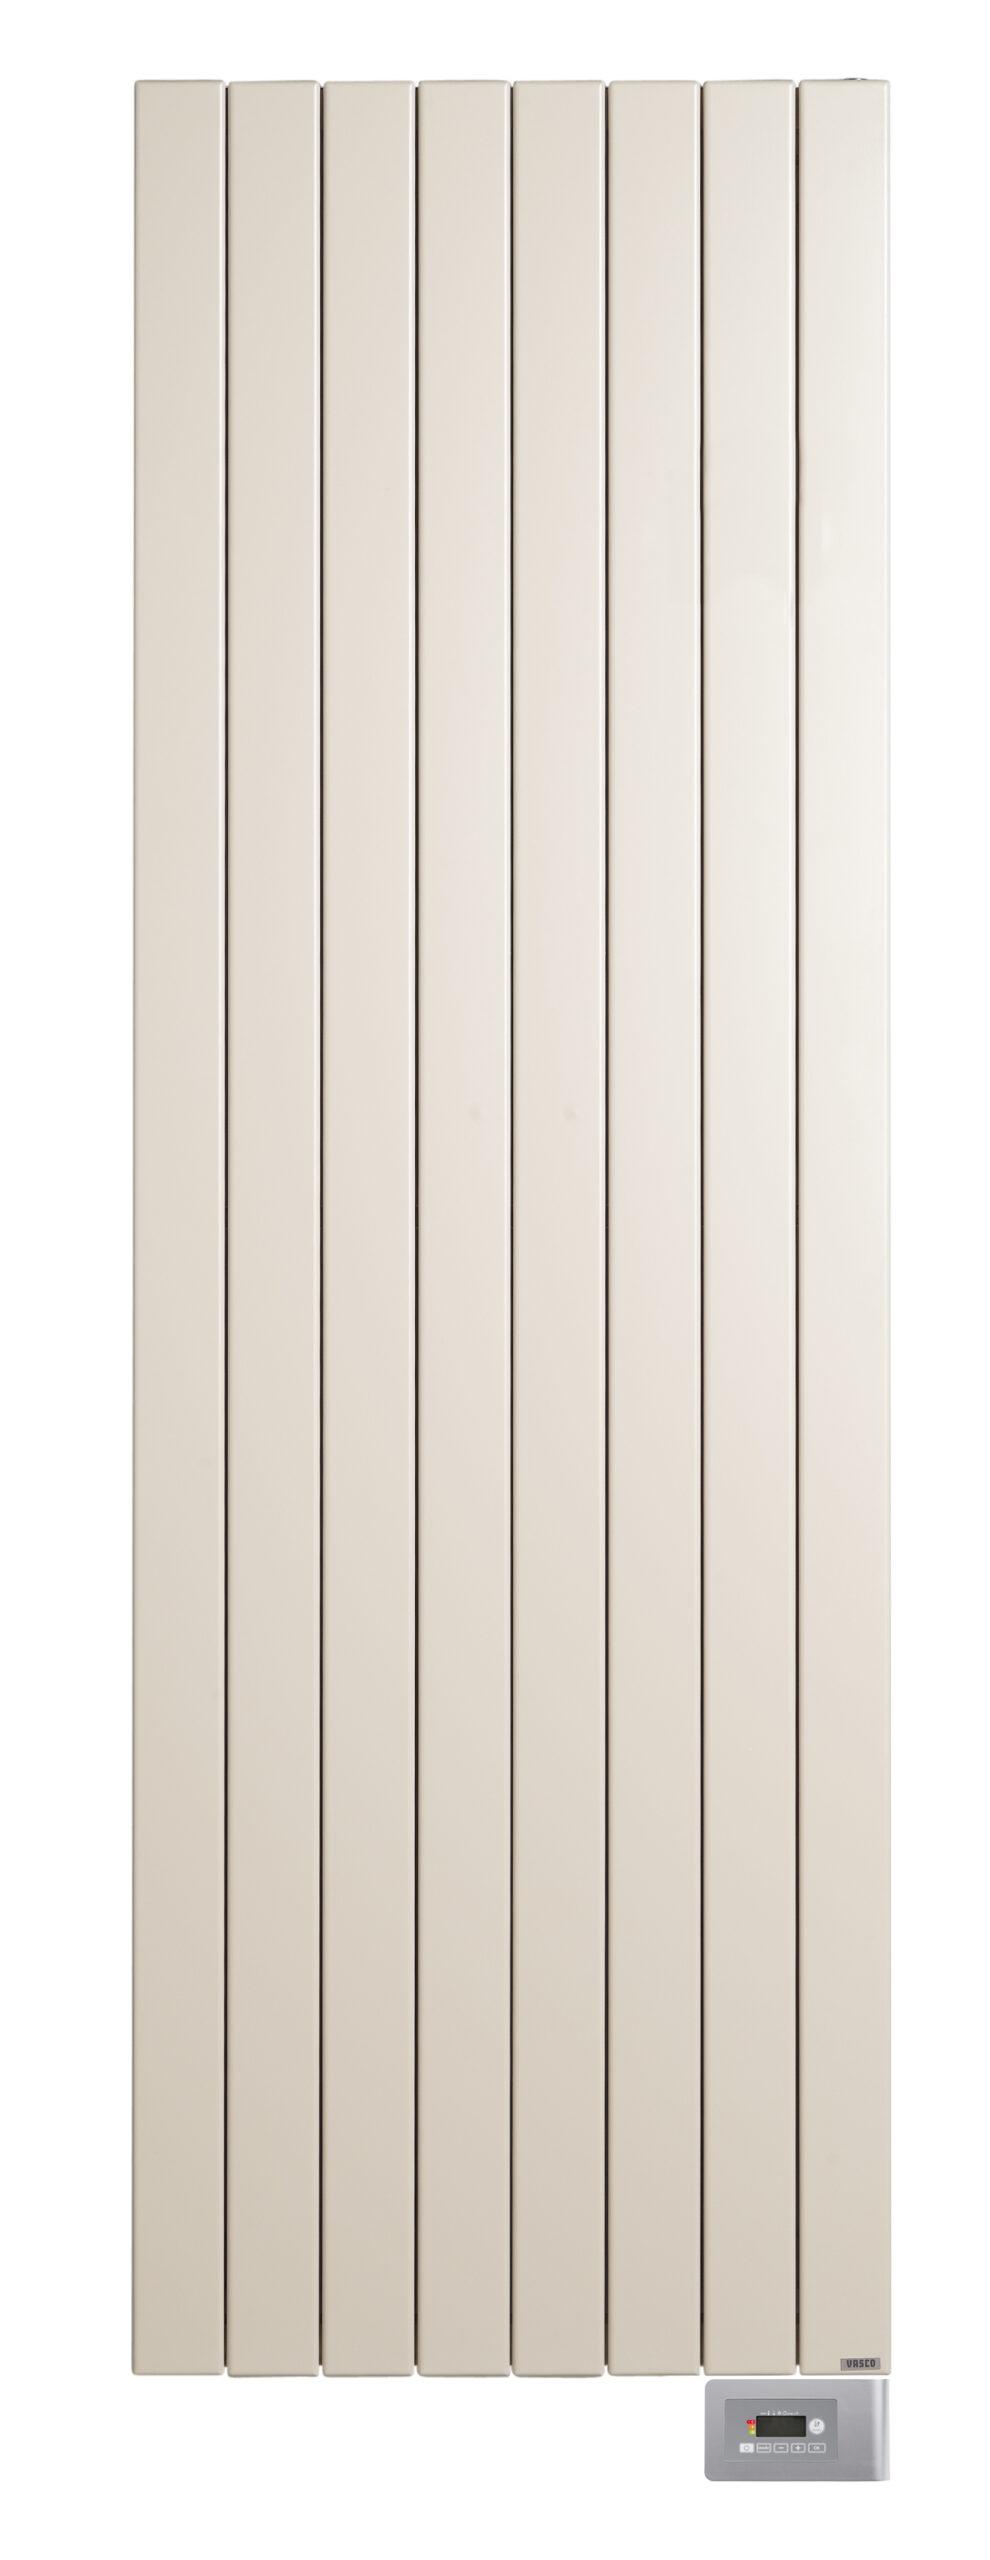 Full Size of Heizkörper Badezimmer Elektroheizkörper Bad Wohnzimmer Für Wohnzimmer Vasco Heizkörper